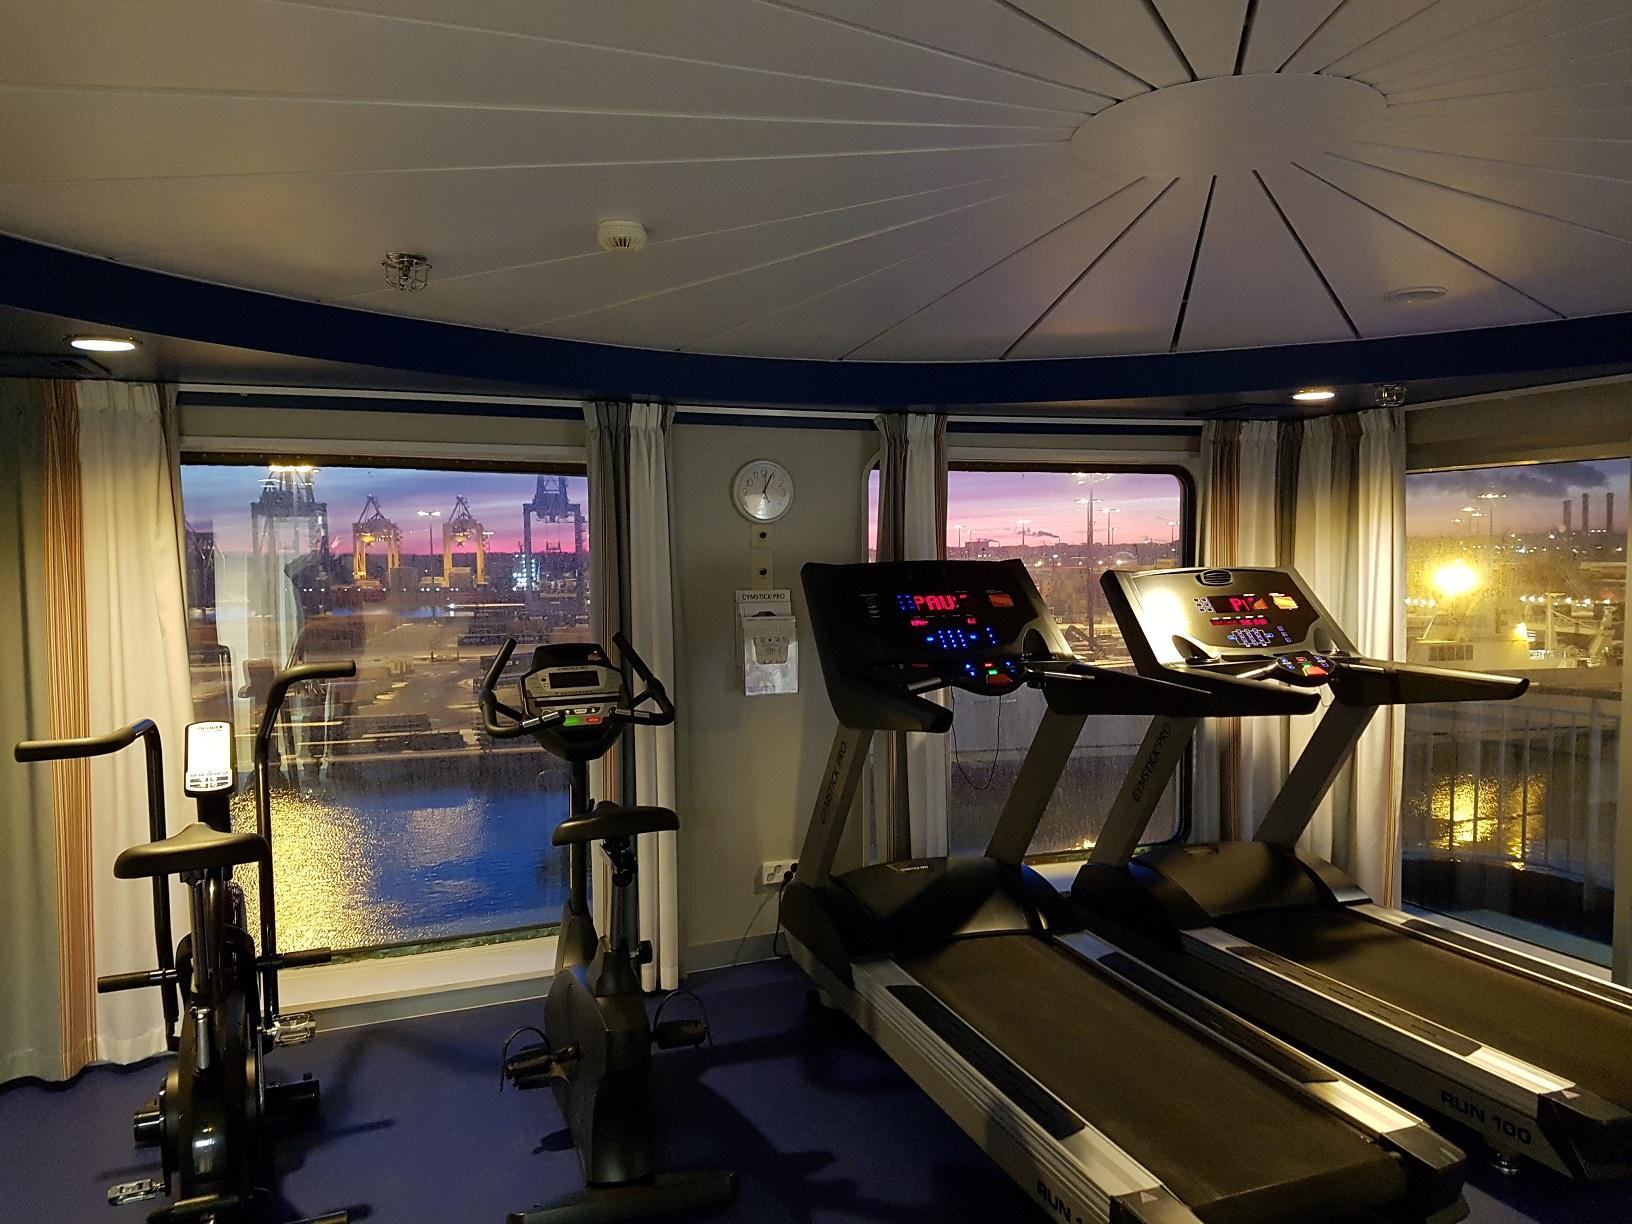 Trainieren mit Aussicht im Fitnessraum der Finnmaid.